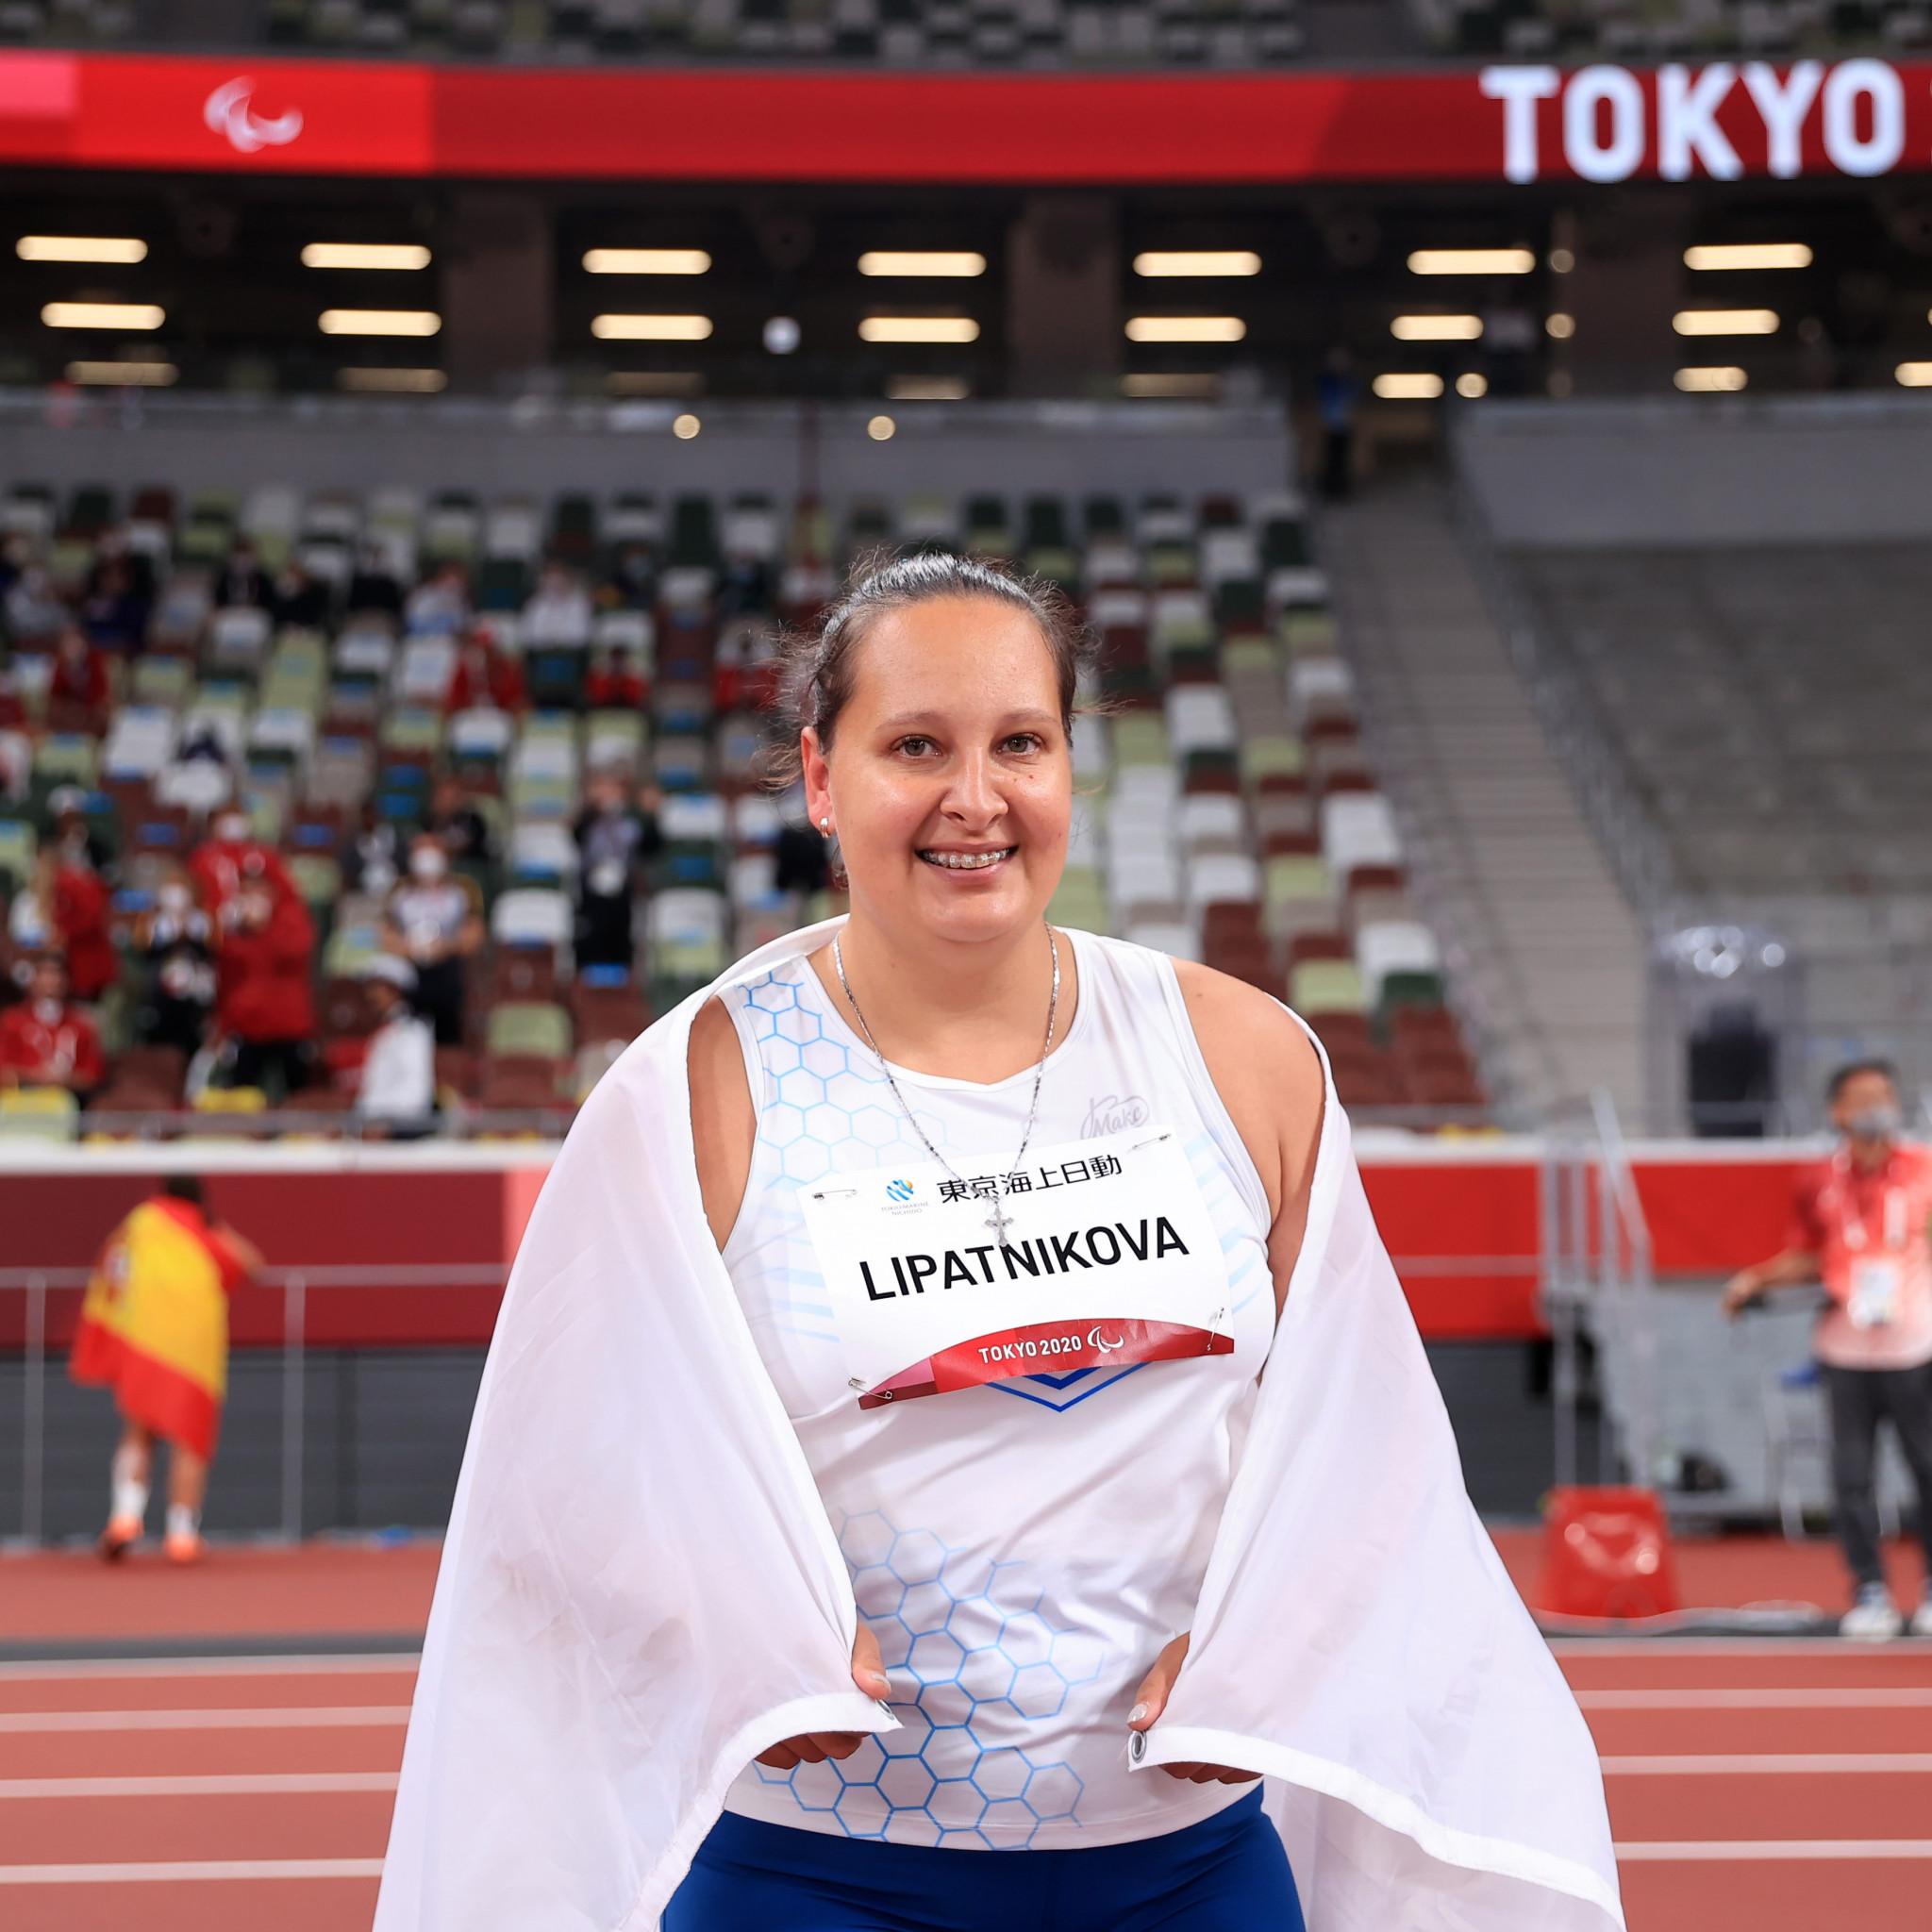 Galina Lipatnikova